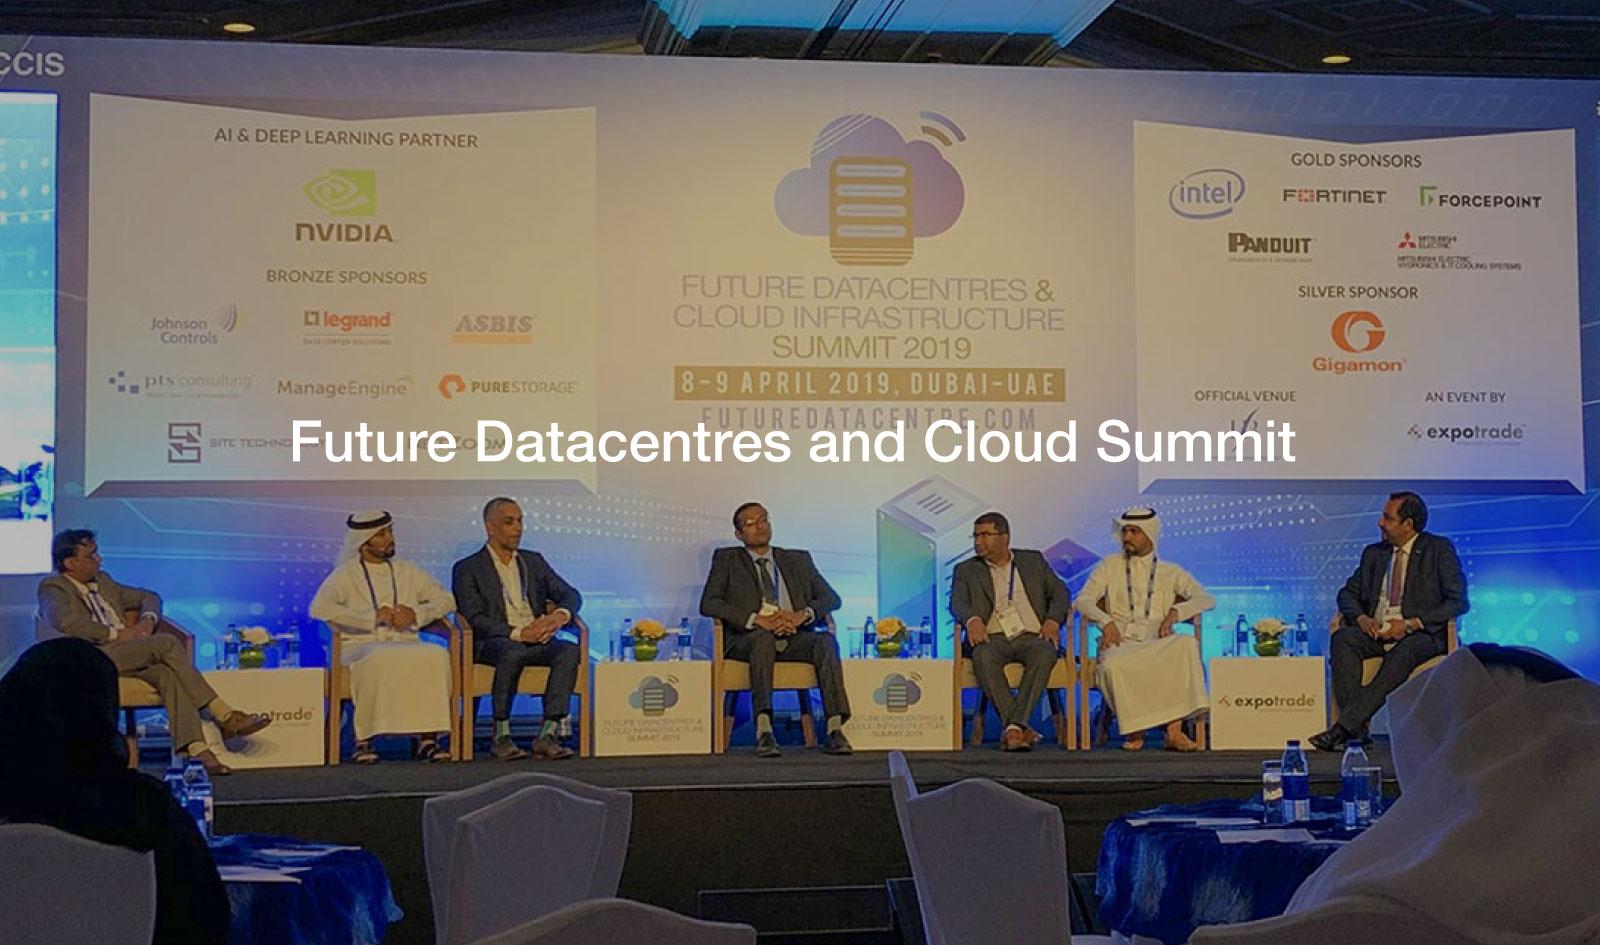 HashRoot | Future Data Centres & Cloud Summit 2019